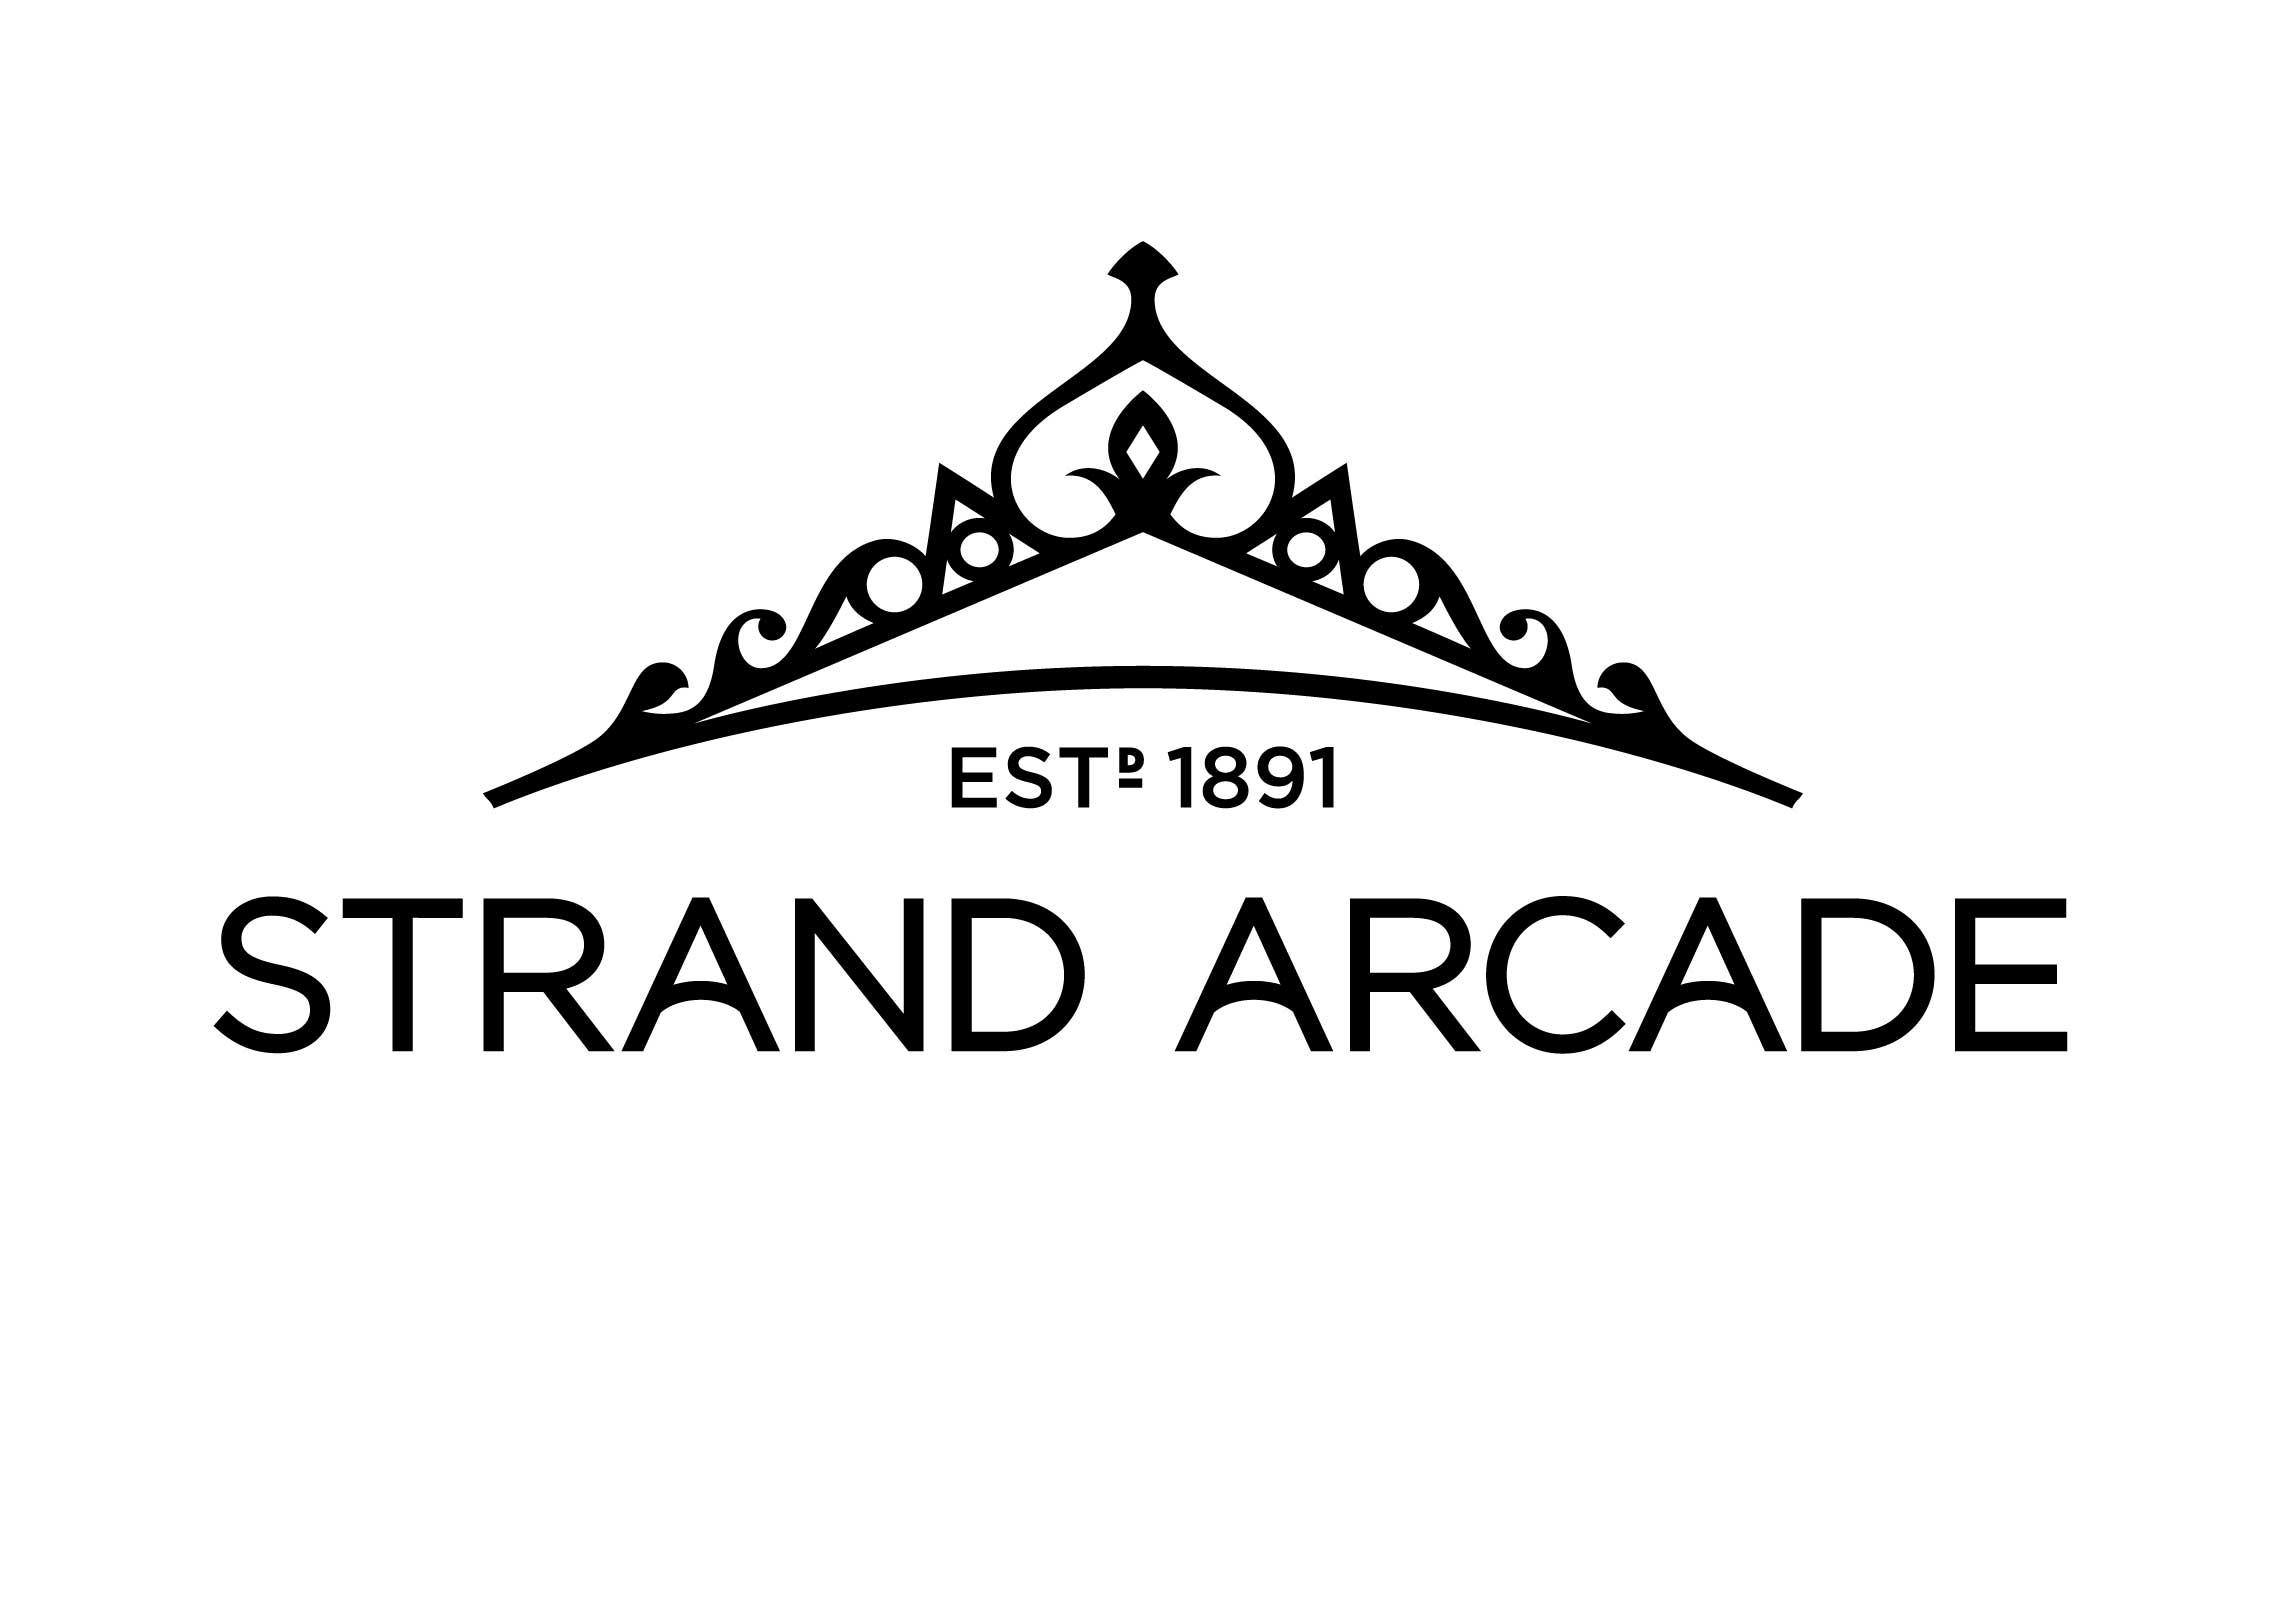 strand_arcade_b&w_logos-01.jpg